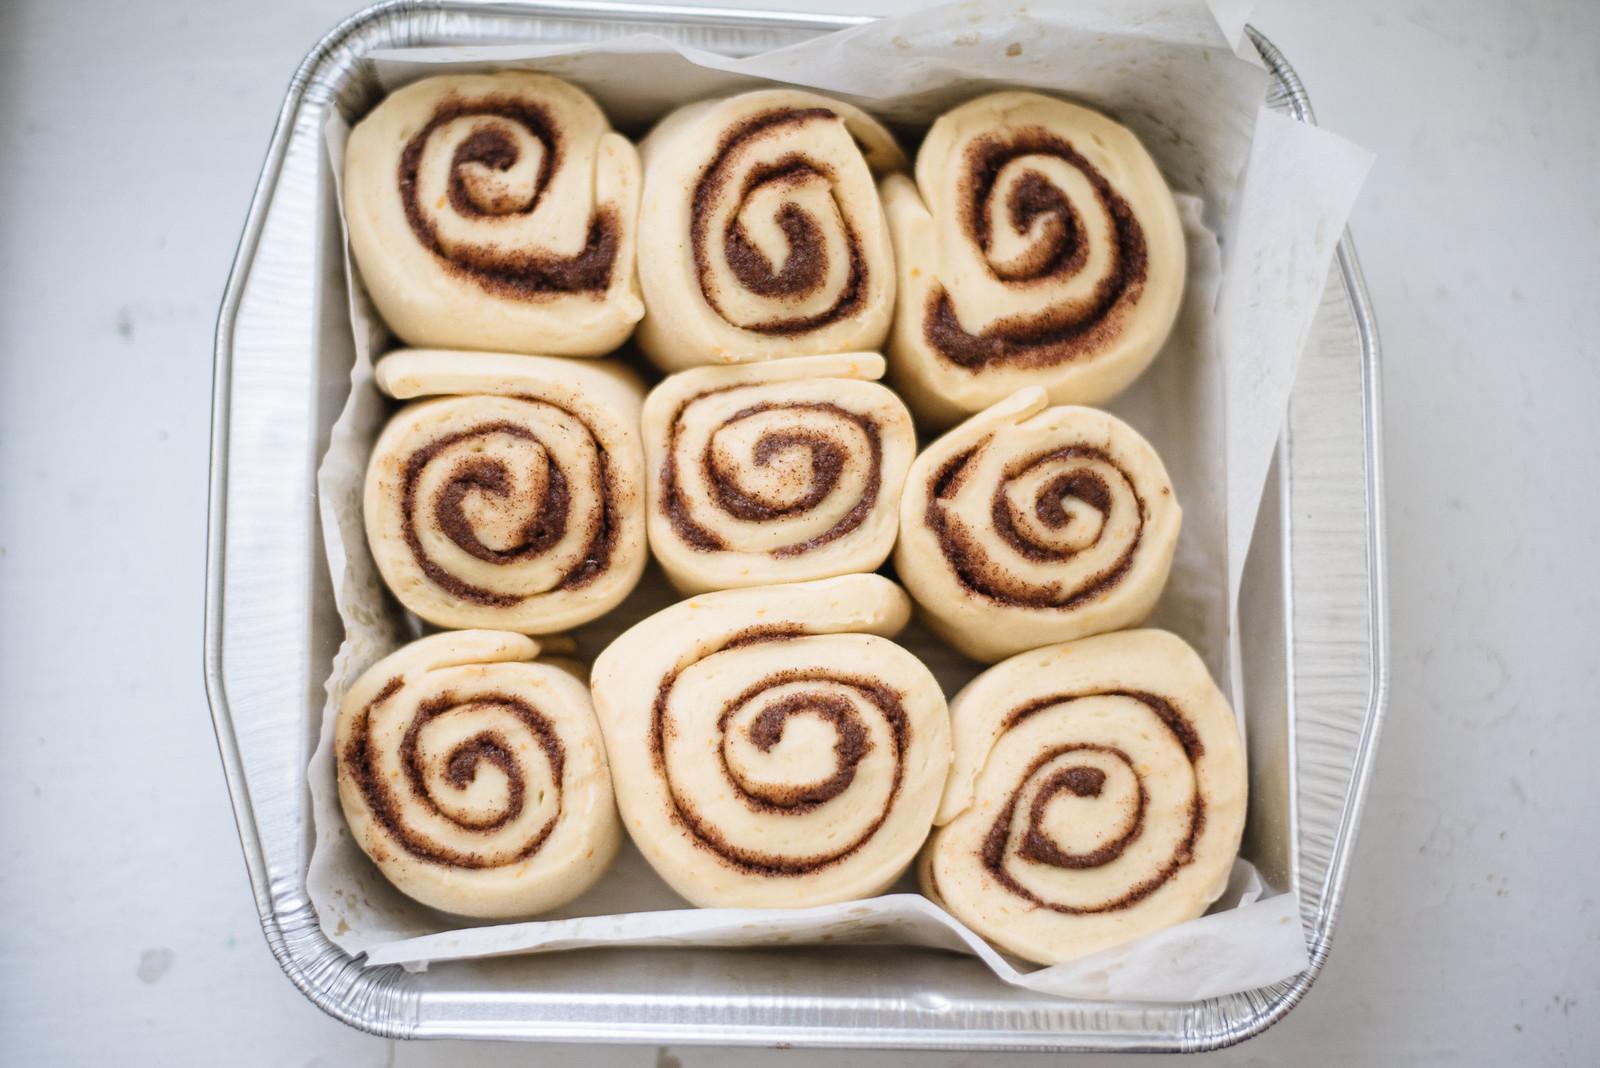 Cinnamon Rolls on juliettelaura.blogspot.com